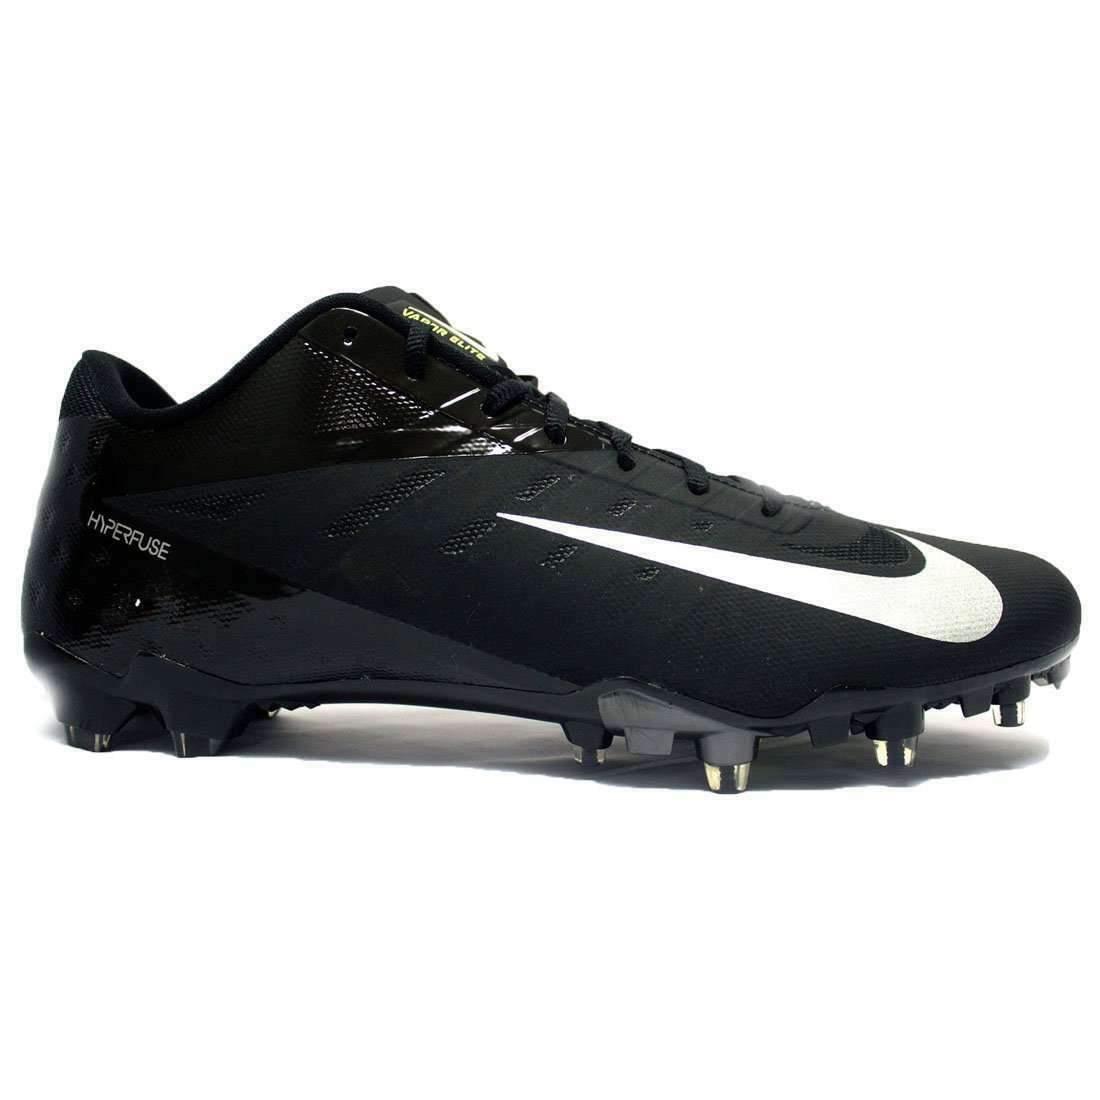 c75e3d97e Nike Men s Vapor Talon Elite Low~ Football